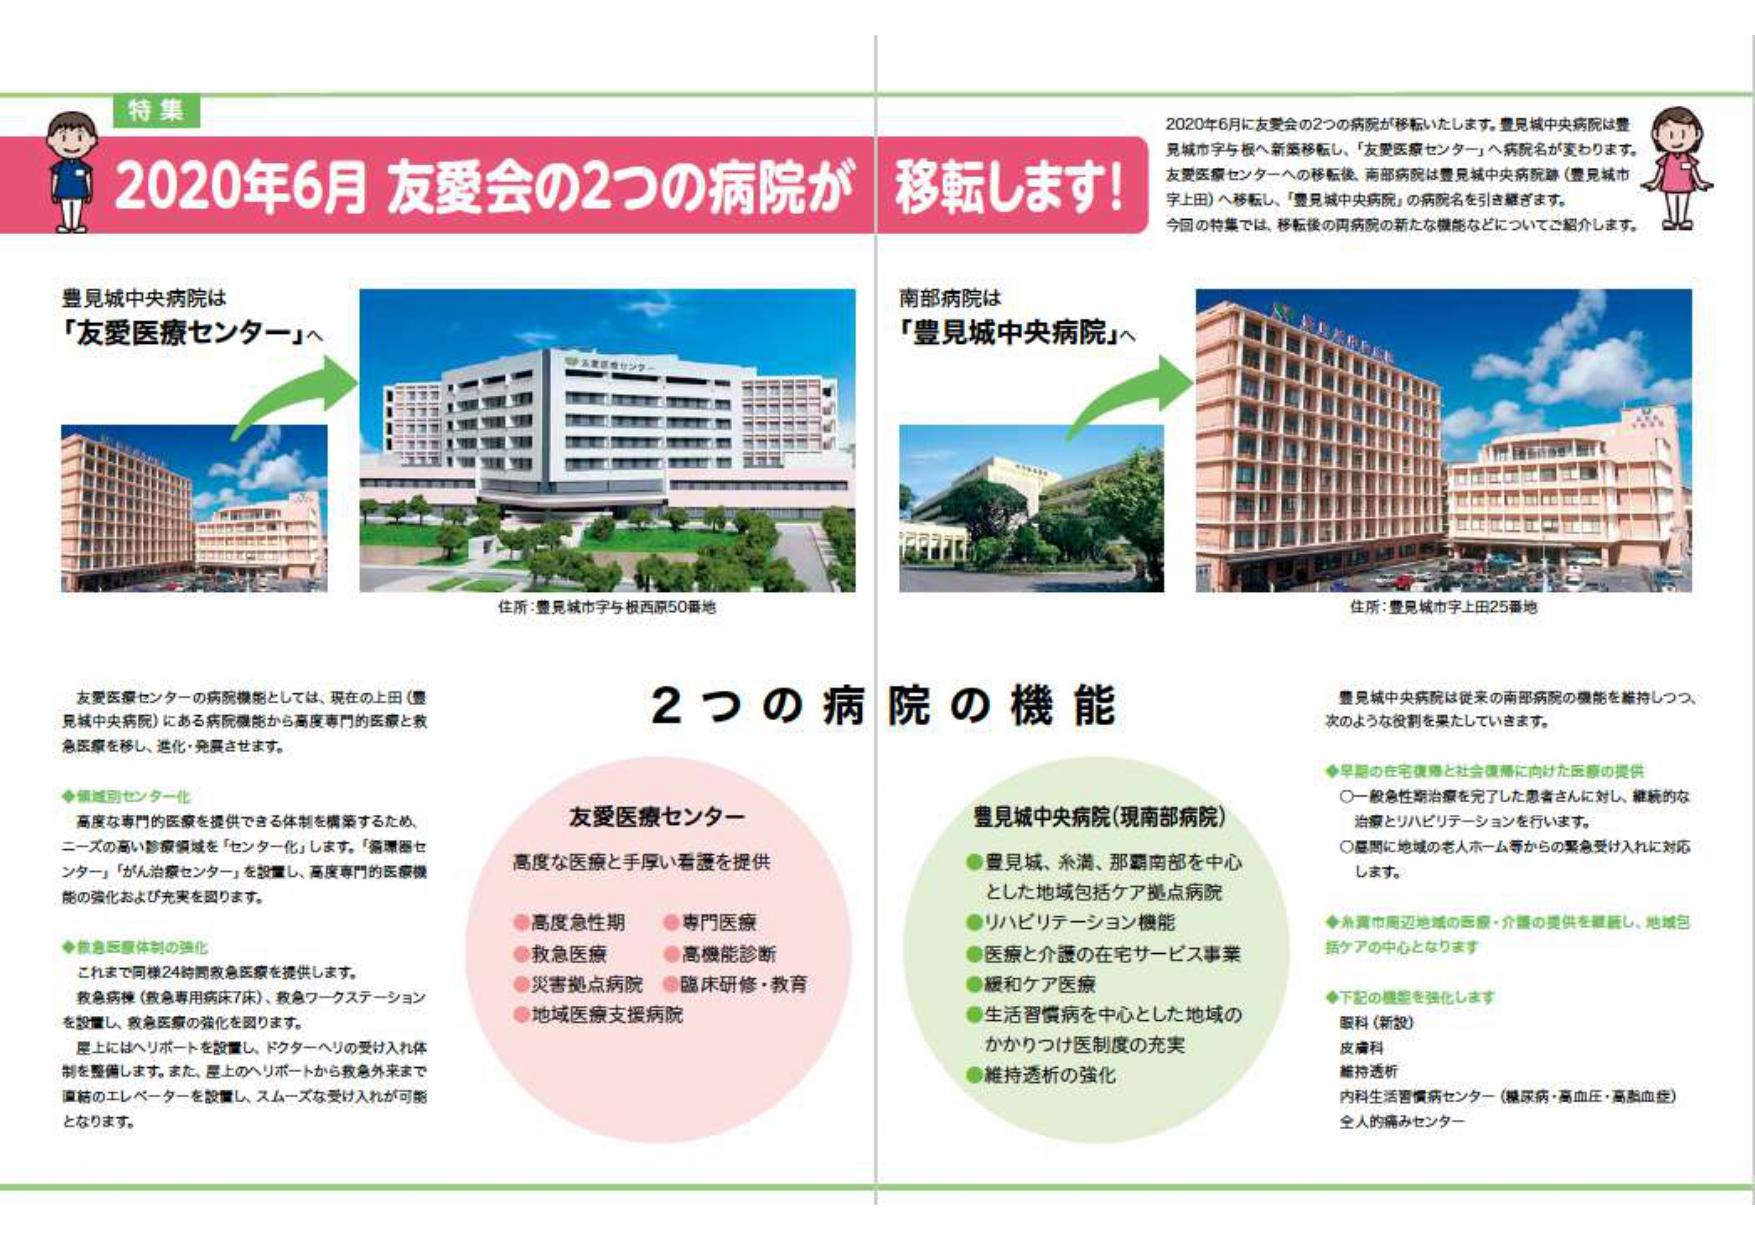 友愛医療センターと豊見城中央病院